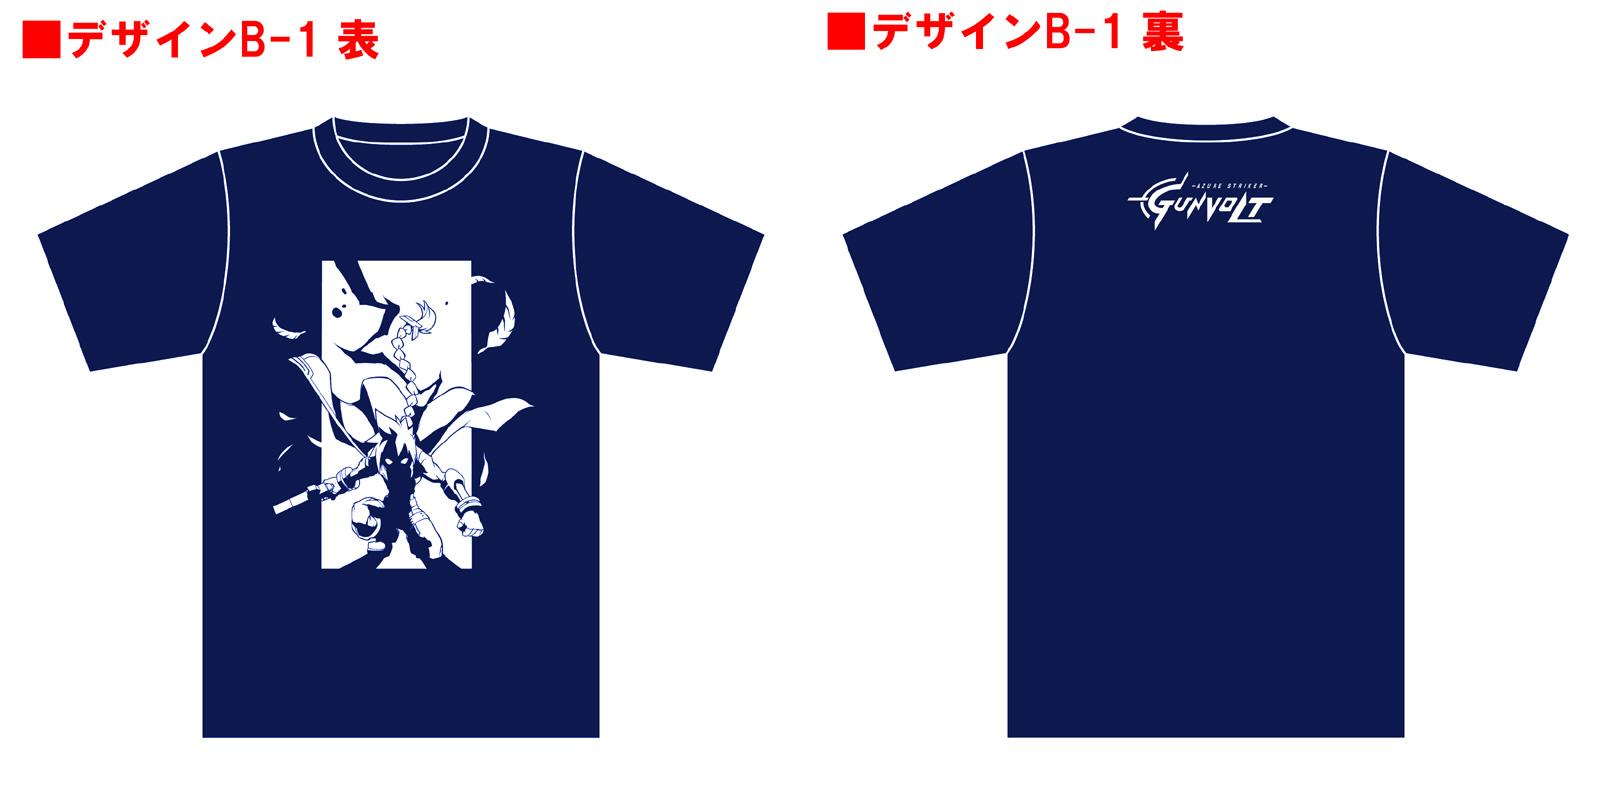 「蒼き雷霆(アームドブルー)ガンヴォルト」Tシャツ ver.2016